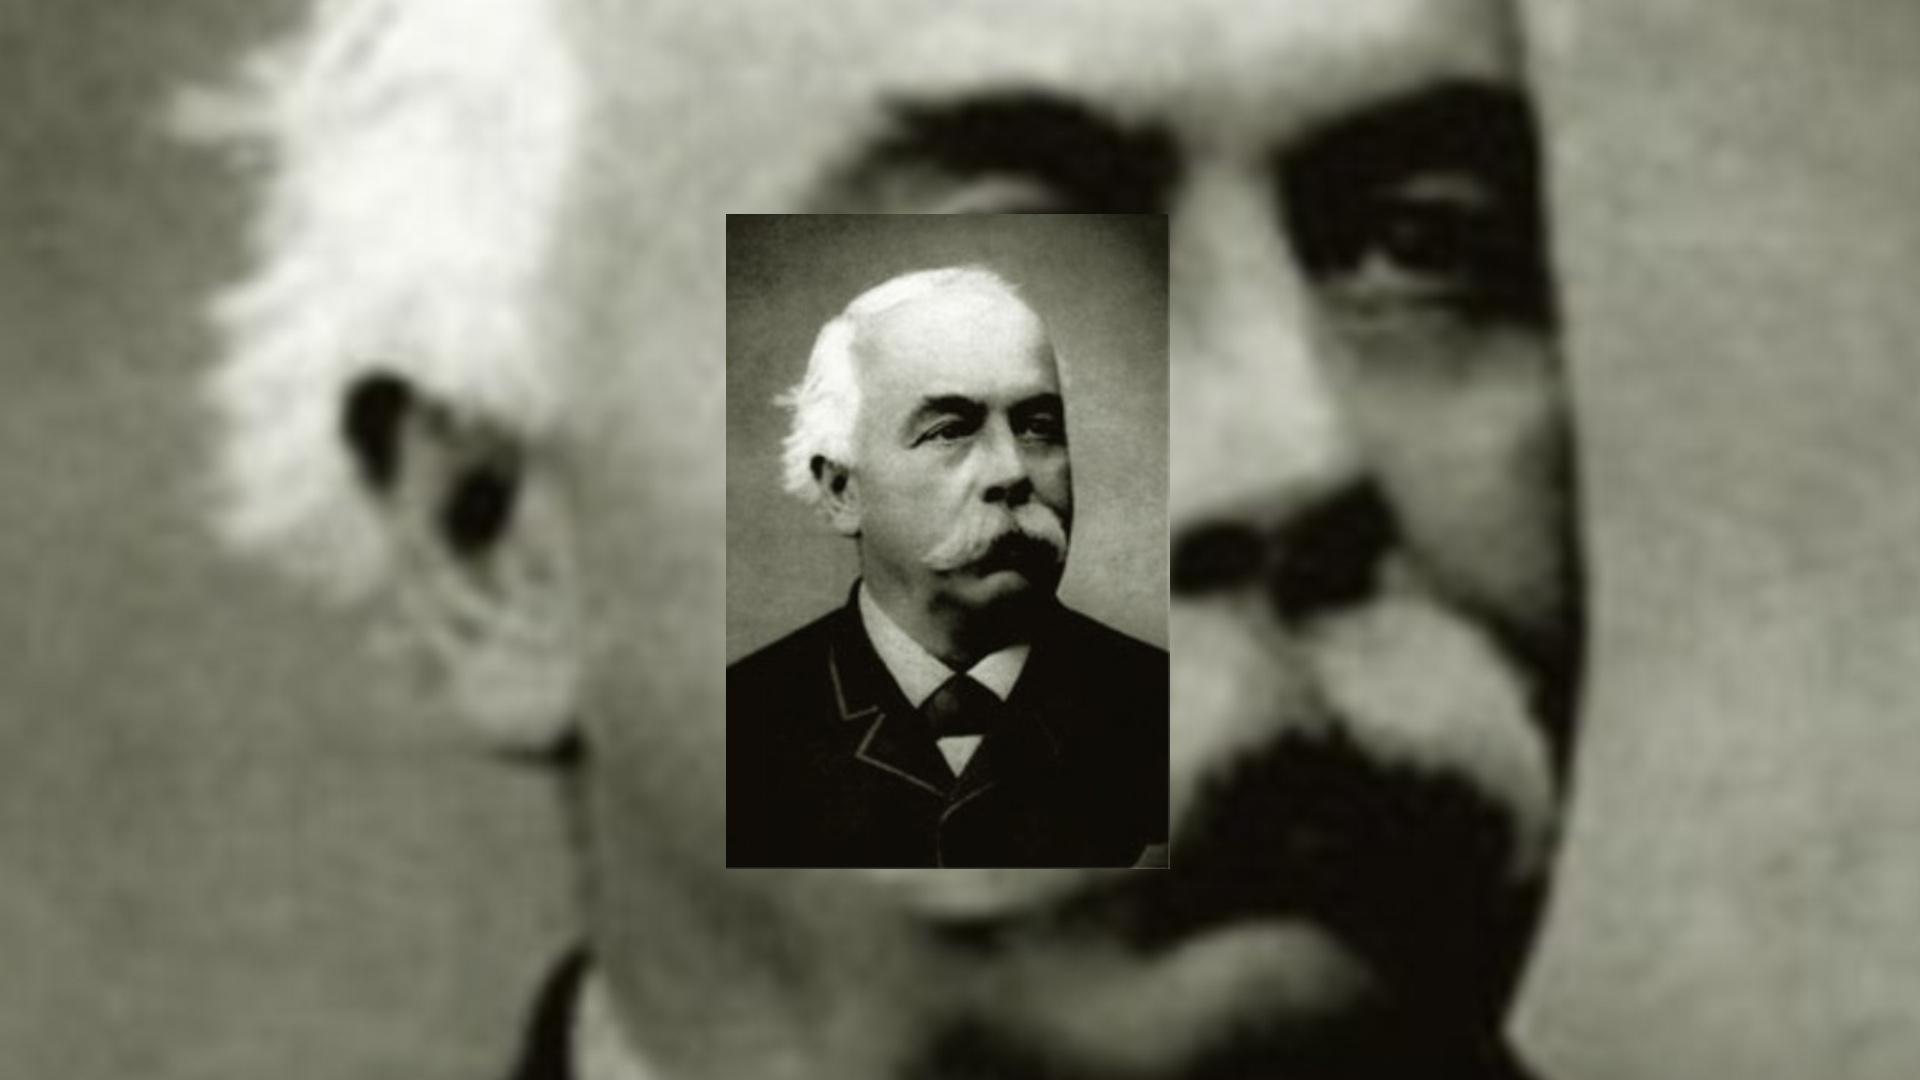 Geschiedenis van TAG Heuer: oprichter Edouard Heuer